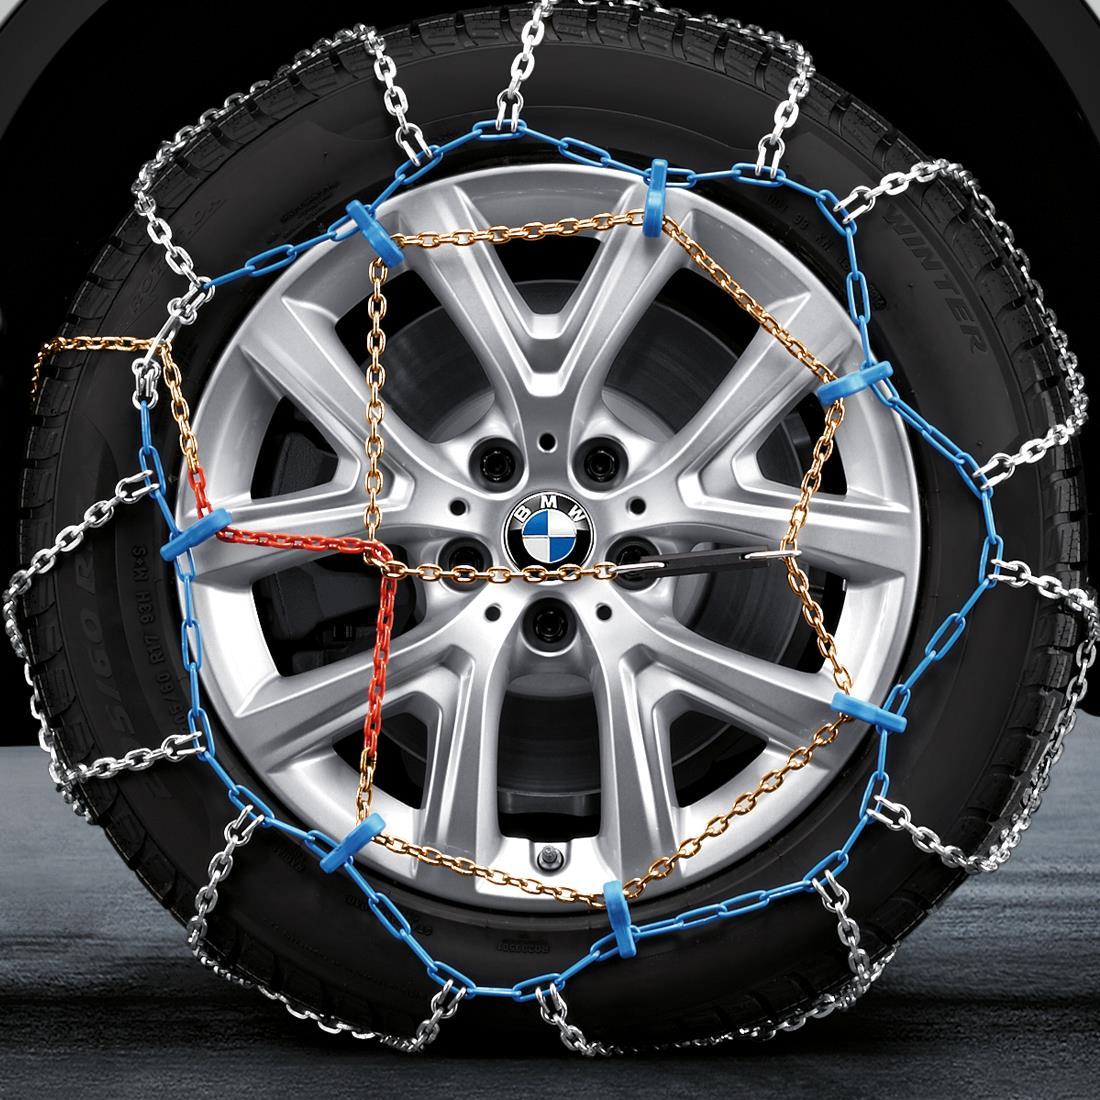 BMW Snow Chain System - 225/501/R17 & 225/55/R16